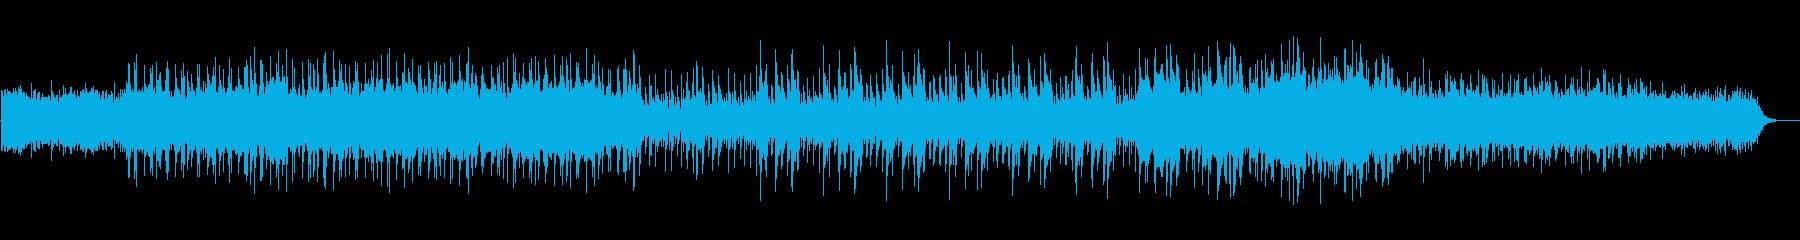 癒しのゆったりとしたストリングス曲の再生済みの波形